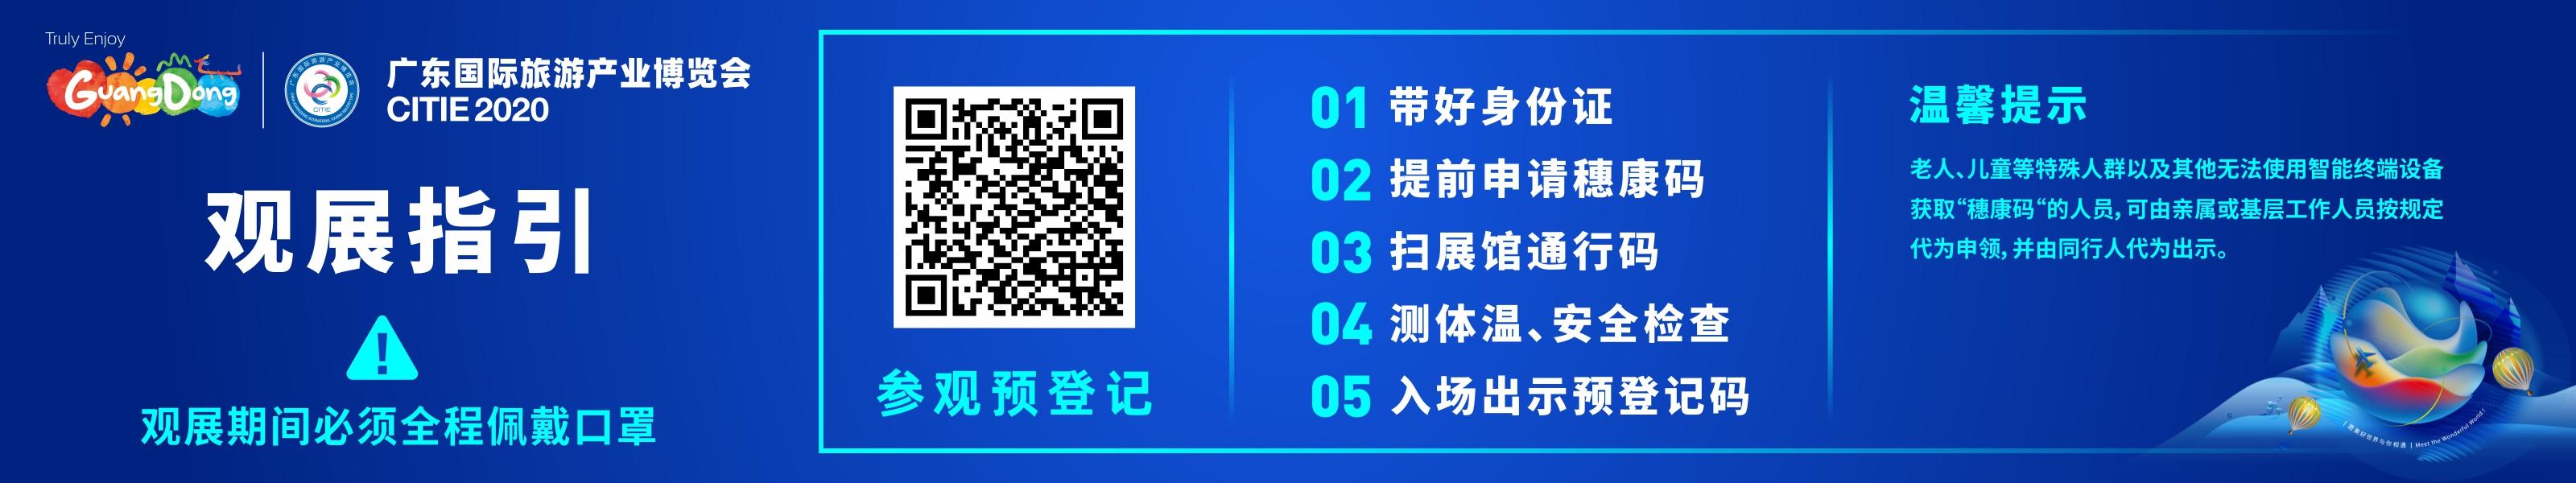 微信图片_20200817063714.jpg